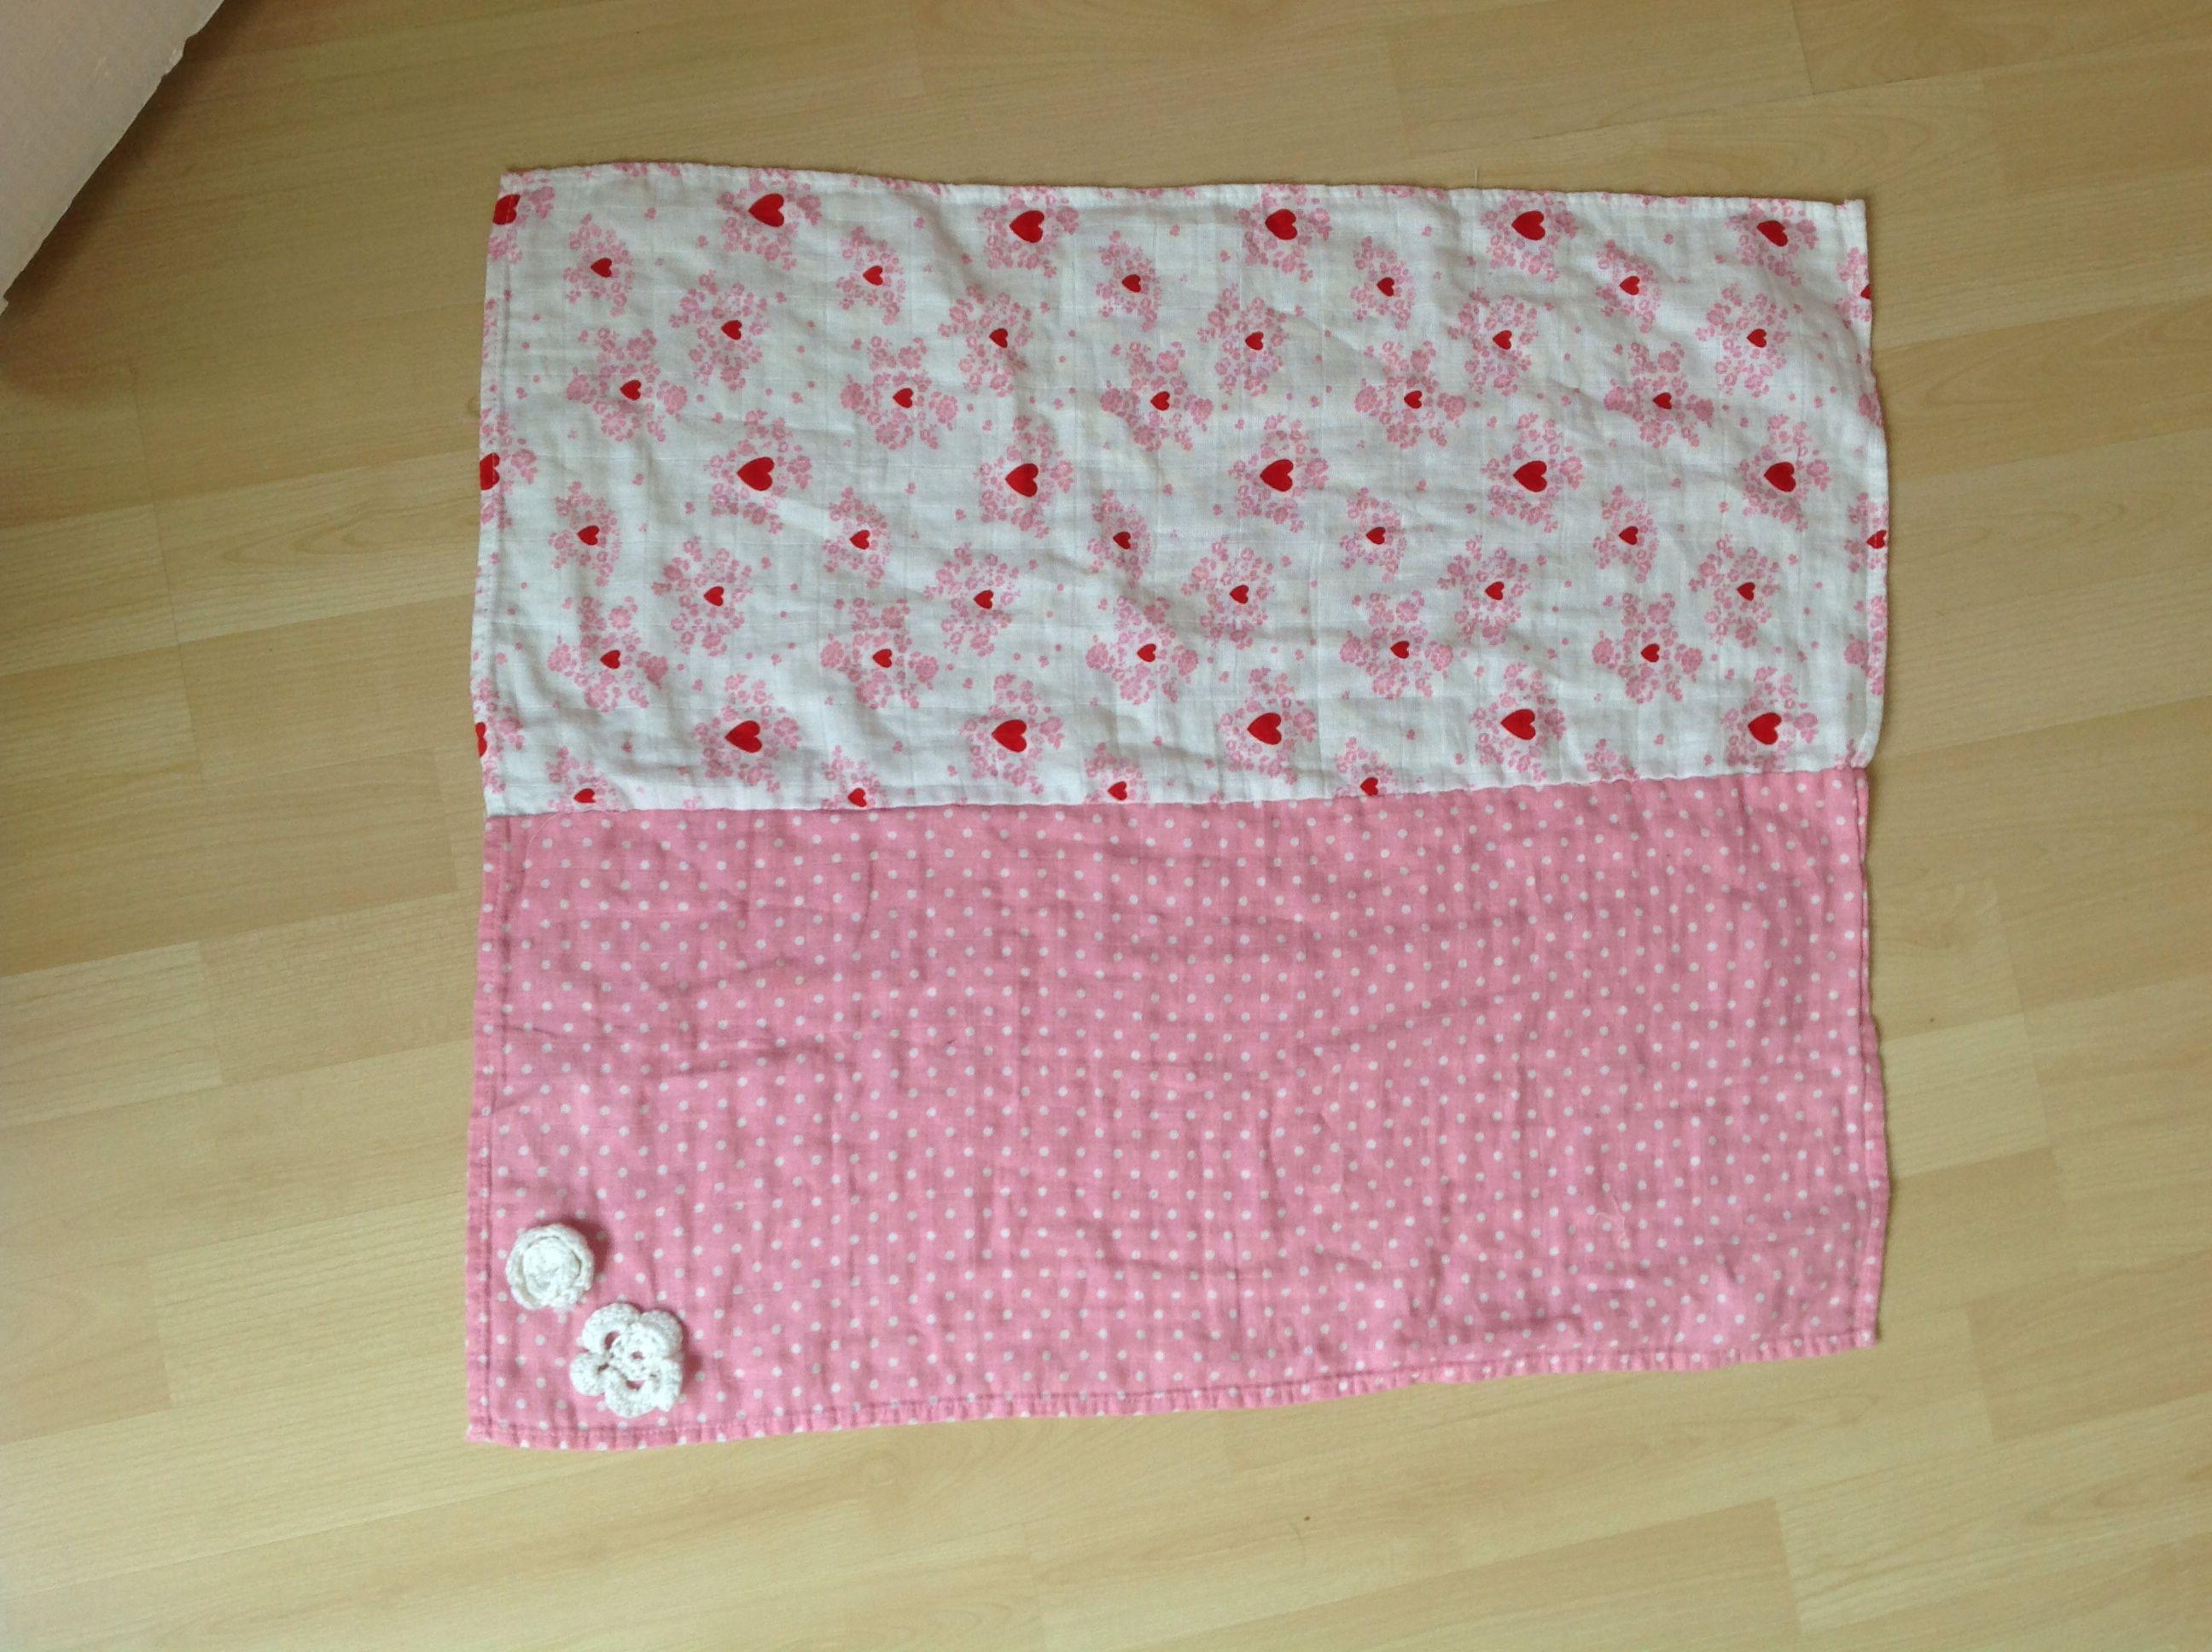 Picknick kleedje gemaakt van oude katoenen baddoeken